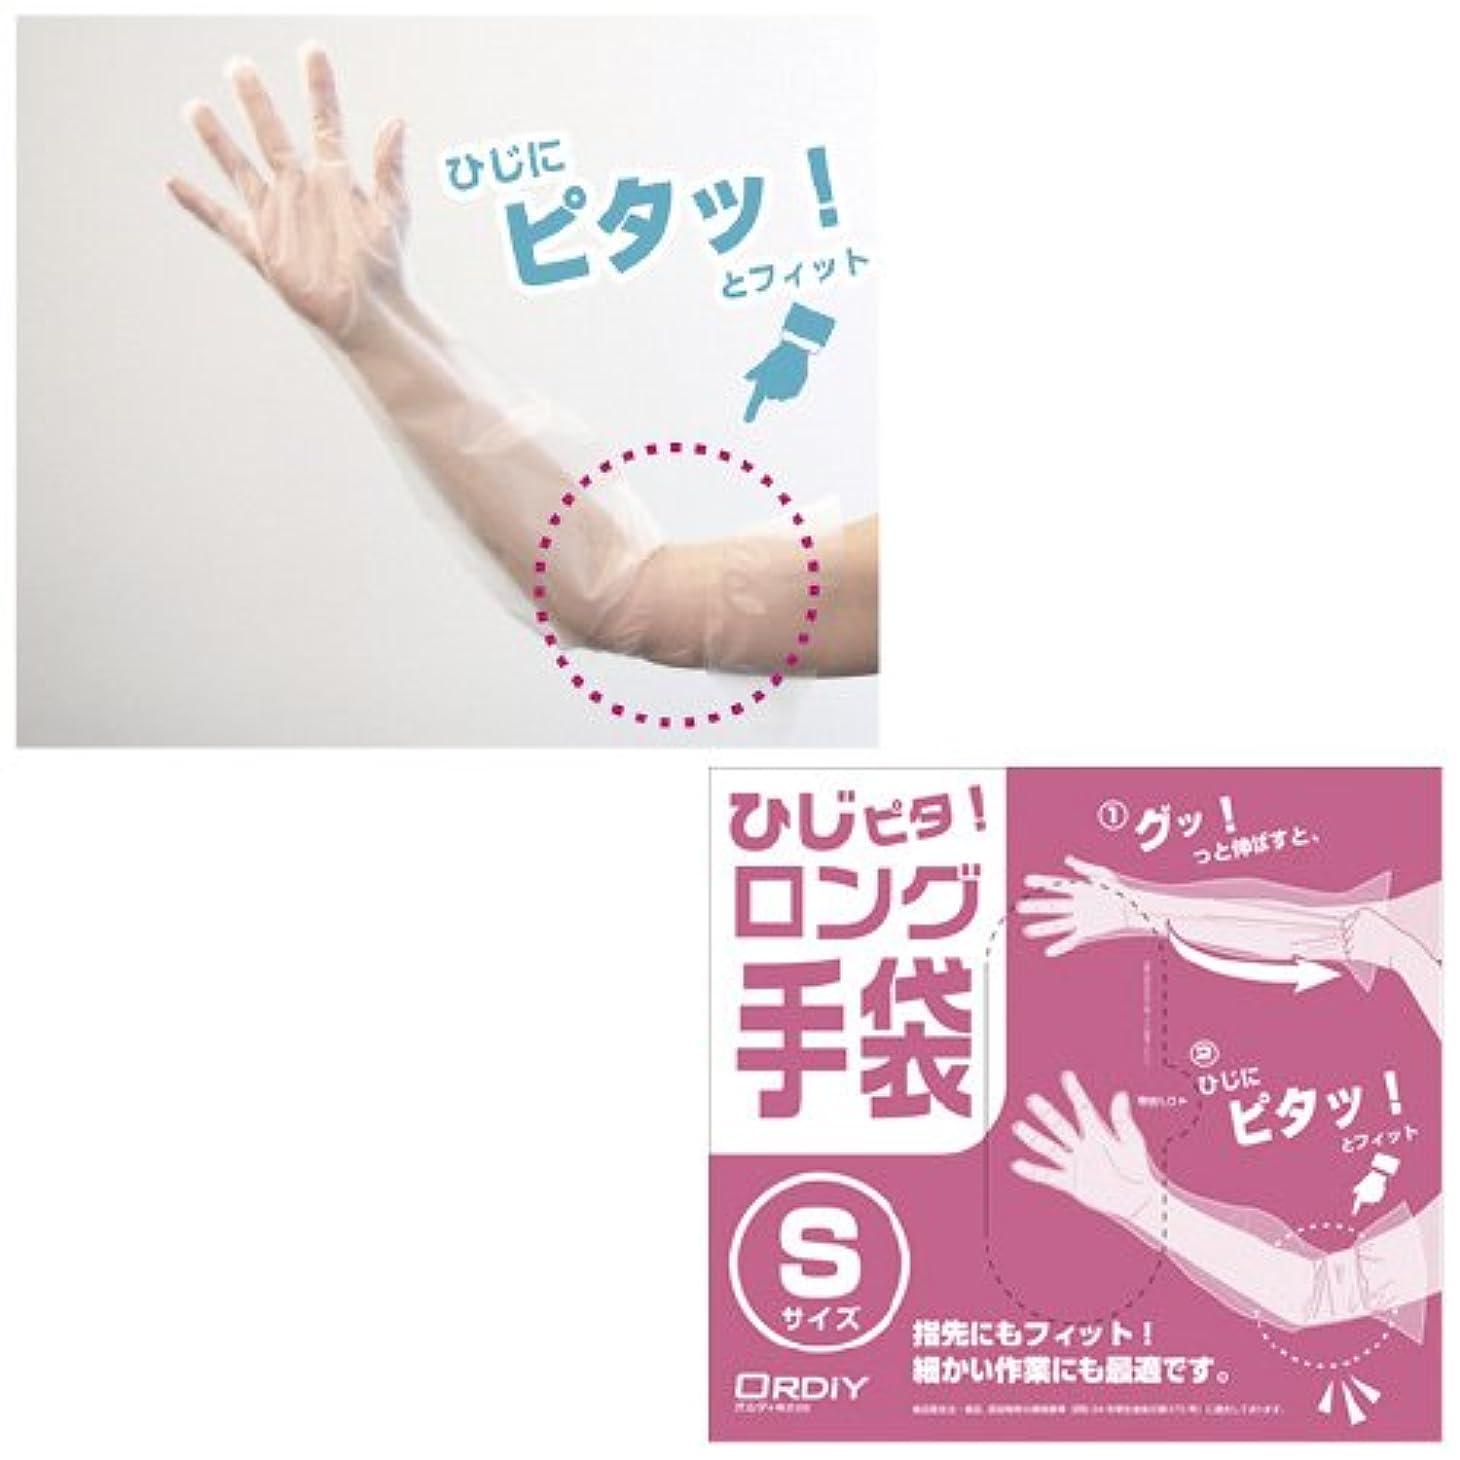 快適驚き時代遅れひじピタロング手袋(S) HLT-NS-100(100??) ???????????????(24-5452-00)【オルディ】[10箱単位]